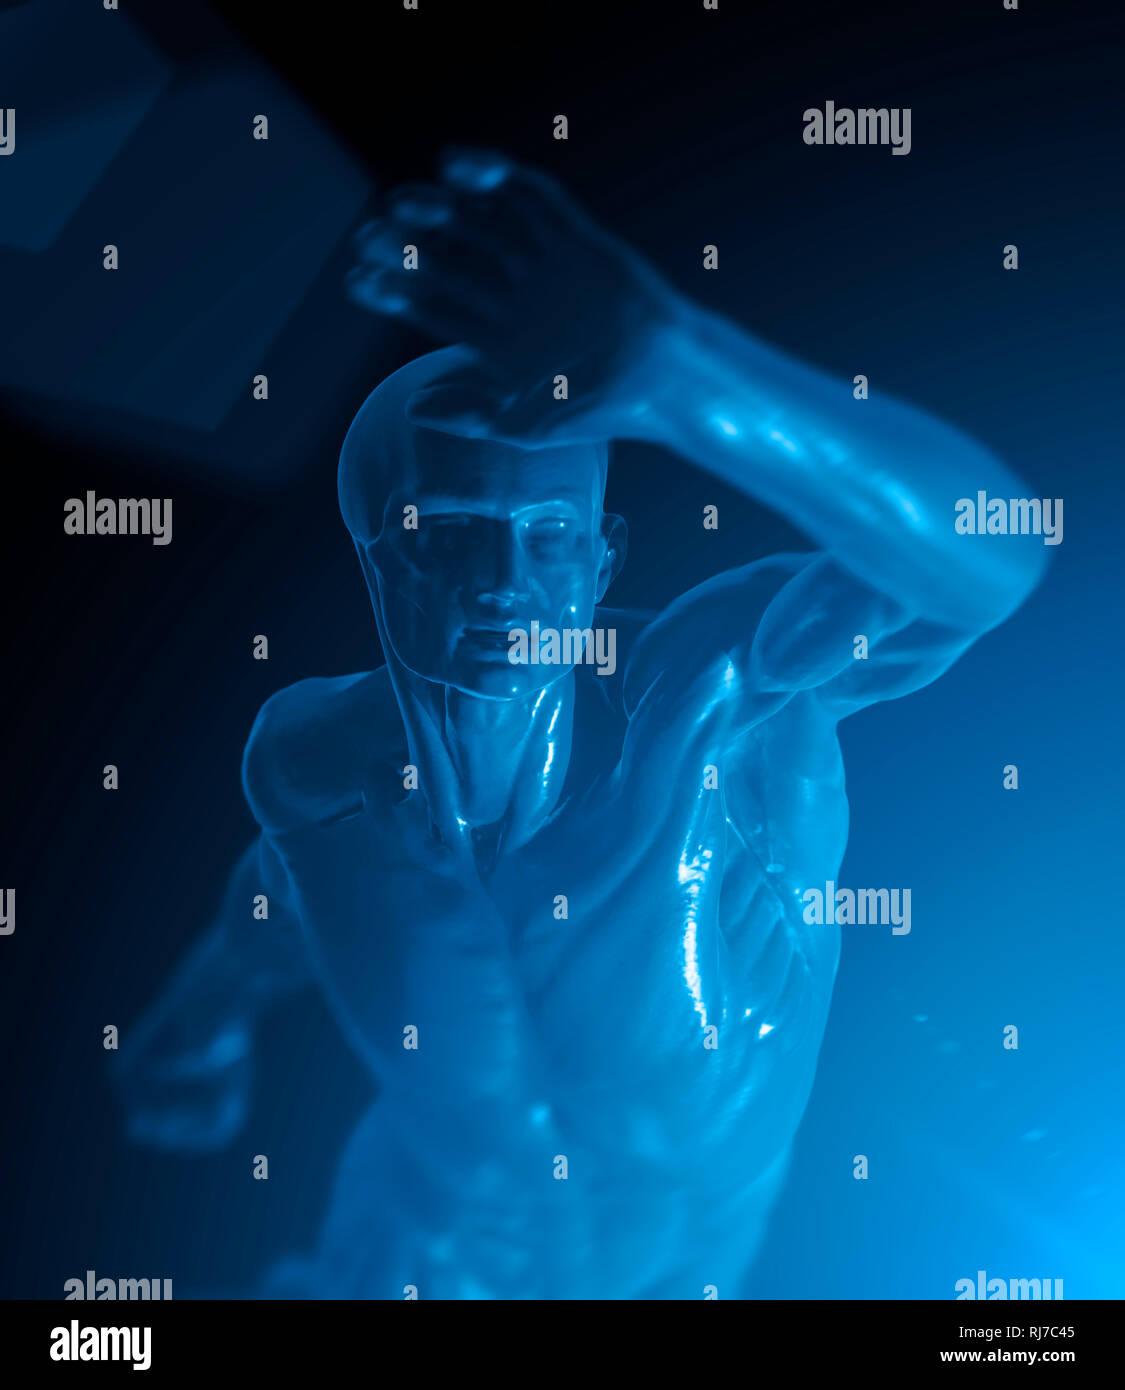 Menschliche Darstellung, Symbol Gesundheit, Abwehr, 3d - Stock Image